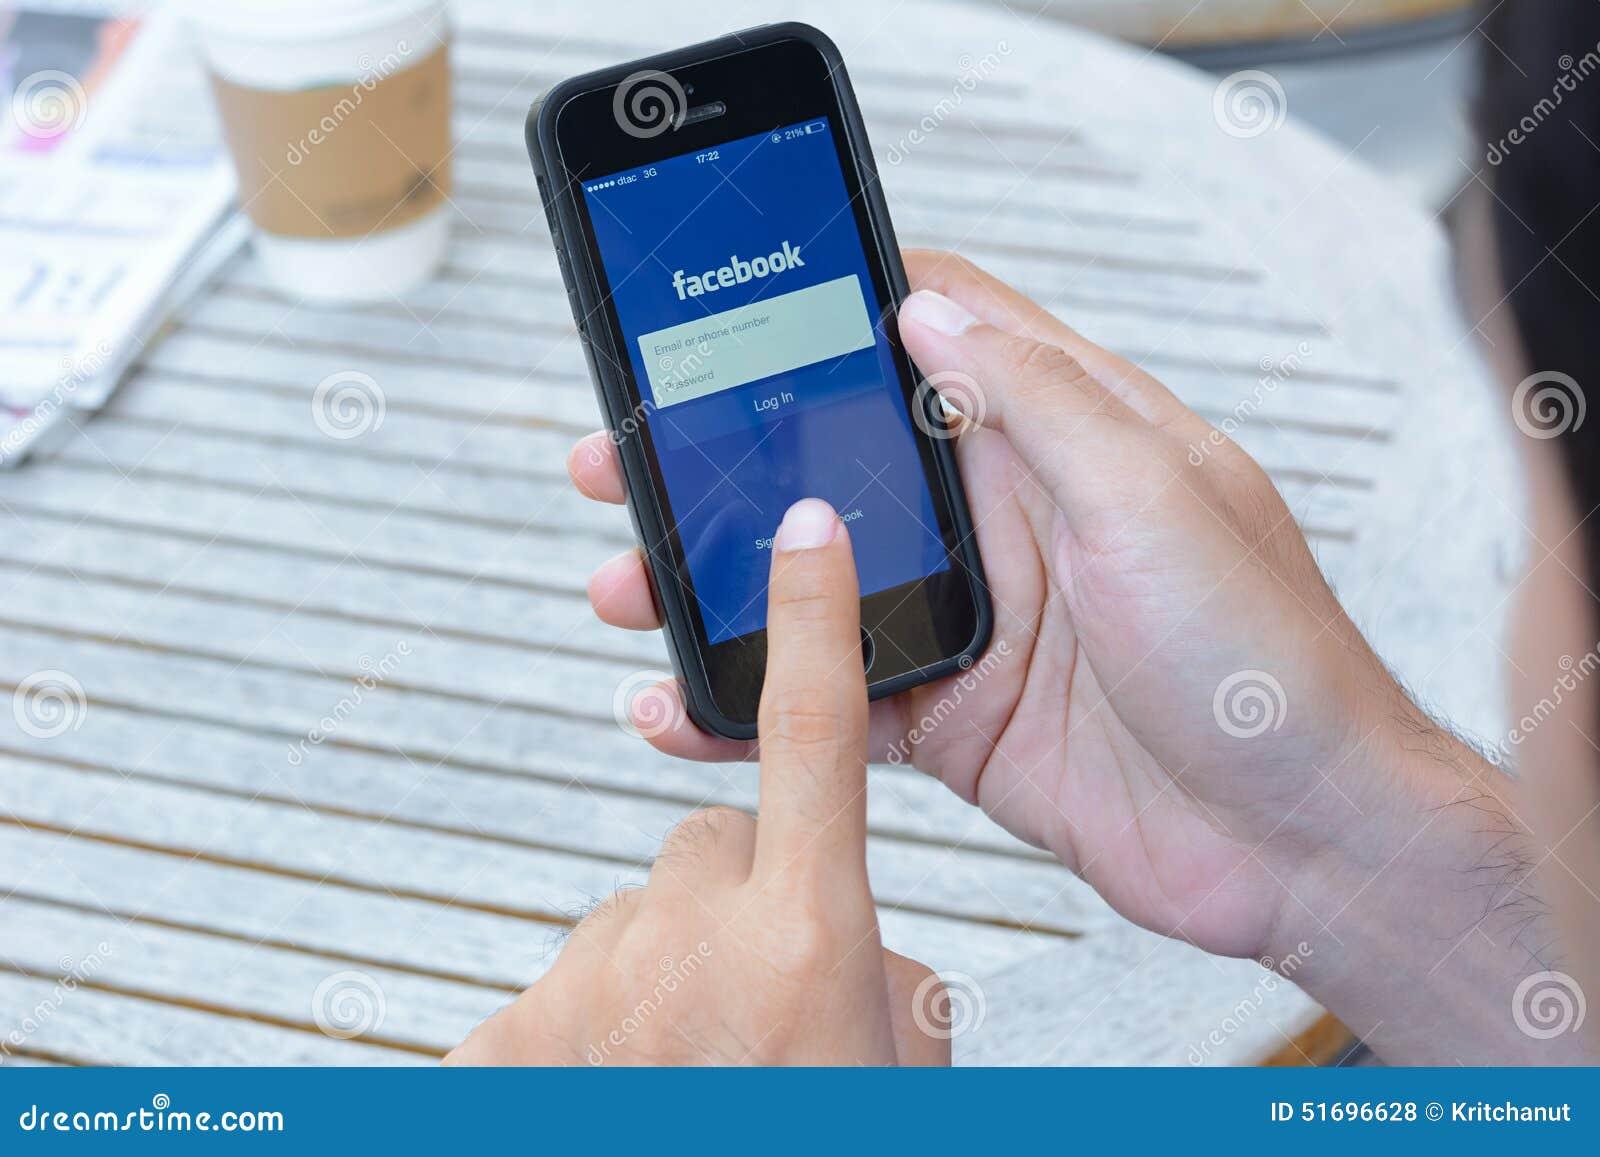 Un hombre que usa el uso de Fackbook en iphone